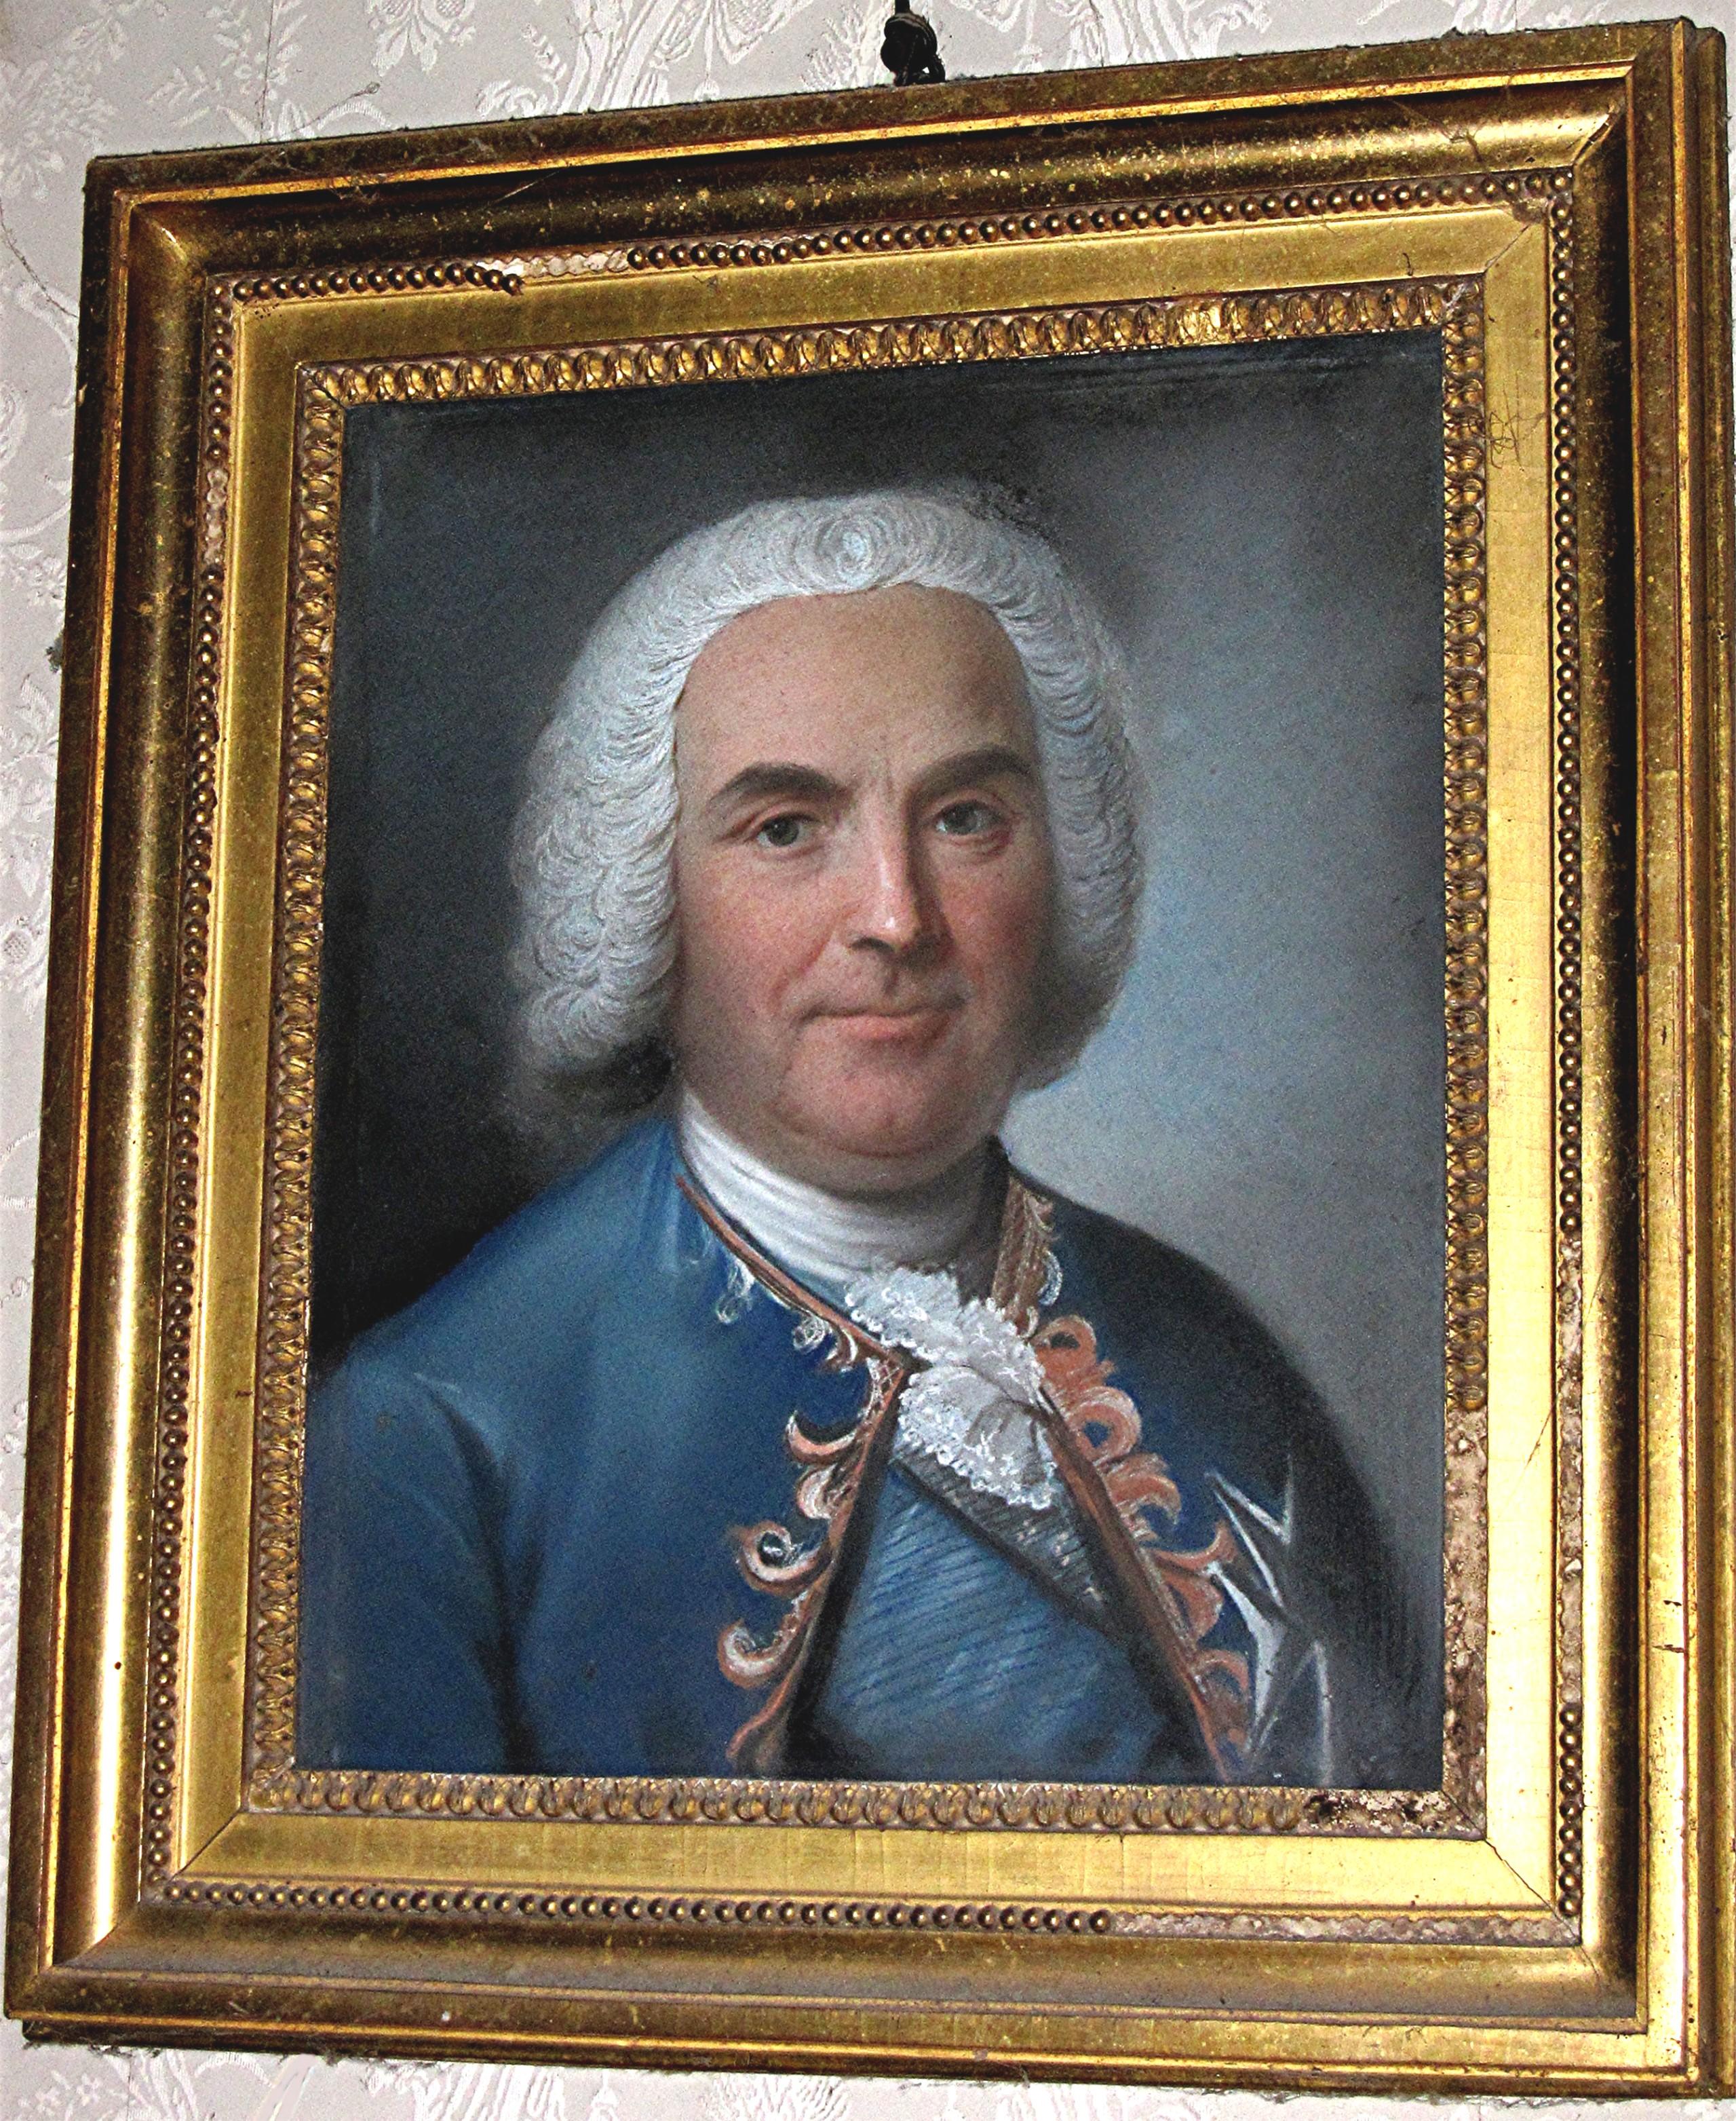 Tableau et son cadre : portrait en buste de Louis-Georges-Erasme de Contades